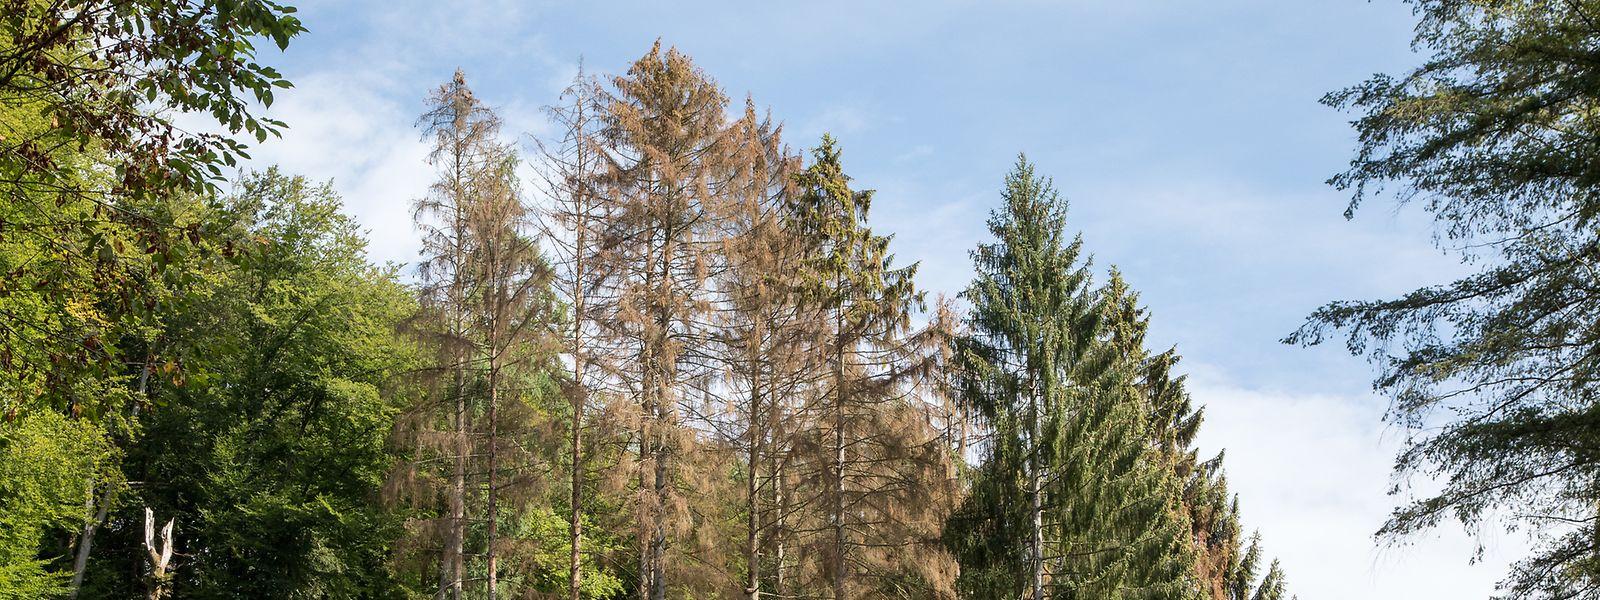 «Les propriétaires privés sont obligés de couper ces épicéas. Mais ils ont de grandes difficultés à vendre leur bois», informe Winfried Von Loë, directeur du Lëtzebuerger Privatbësch.